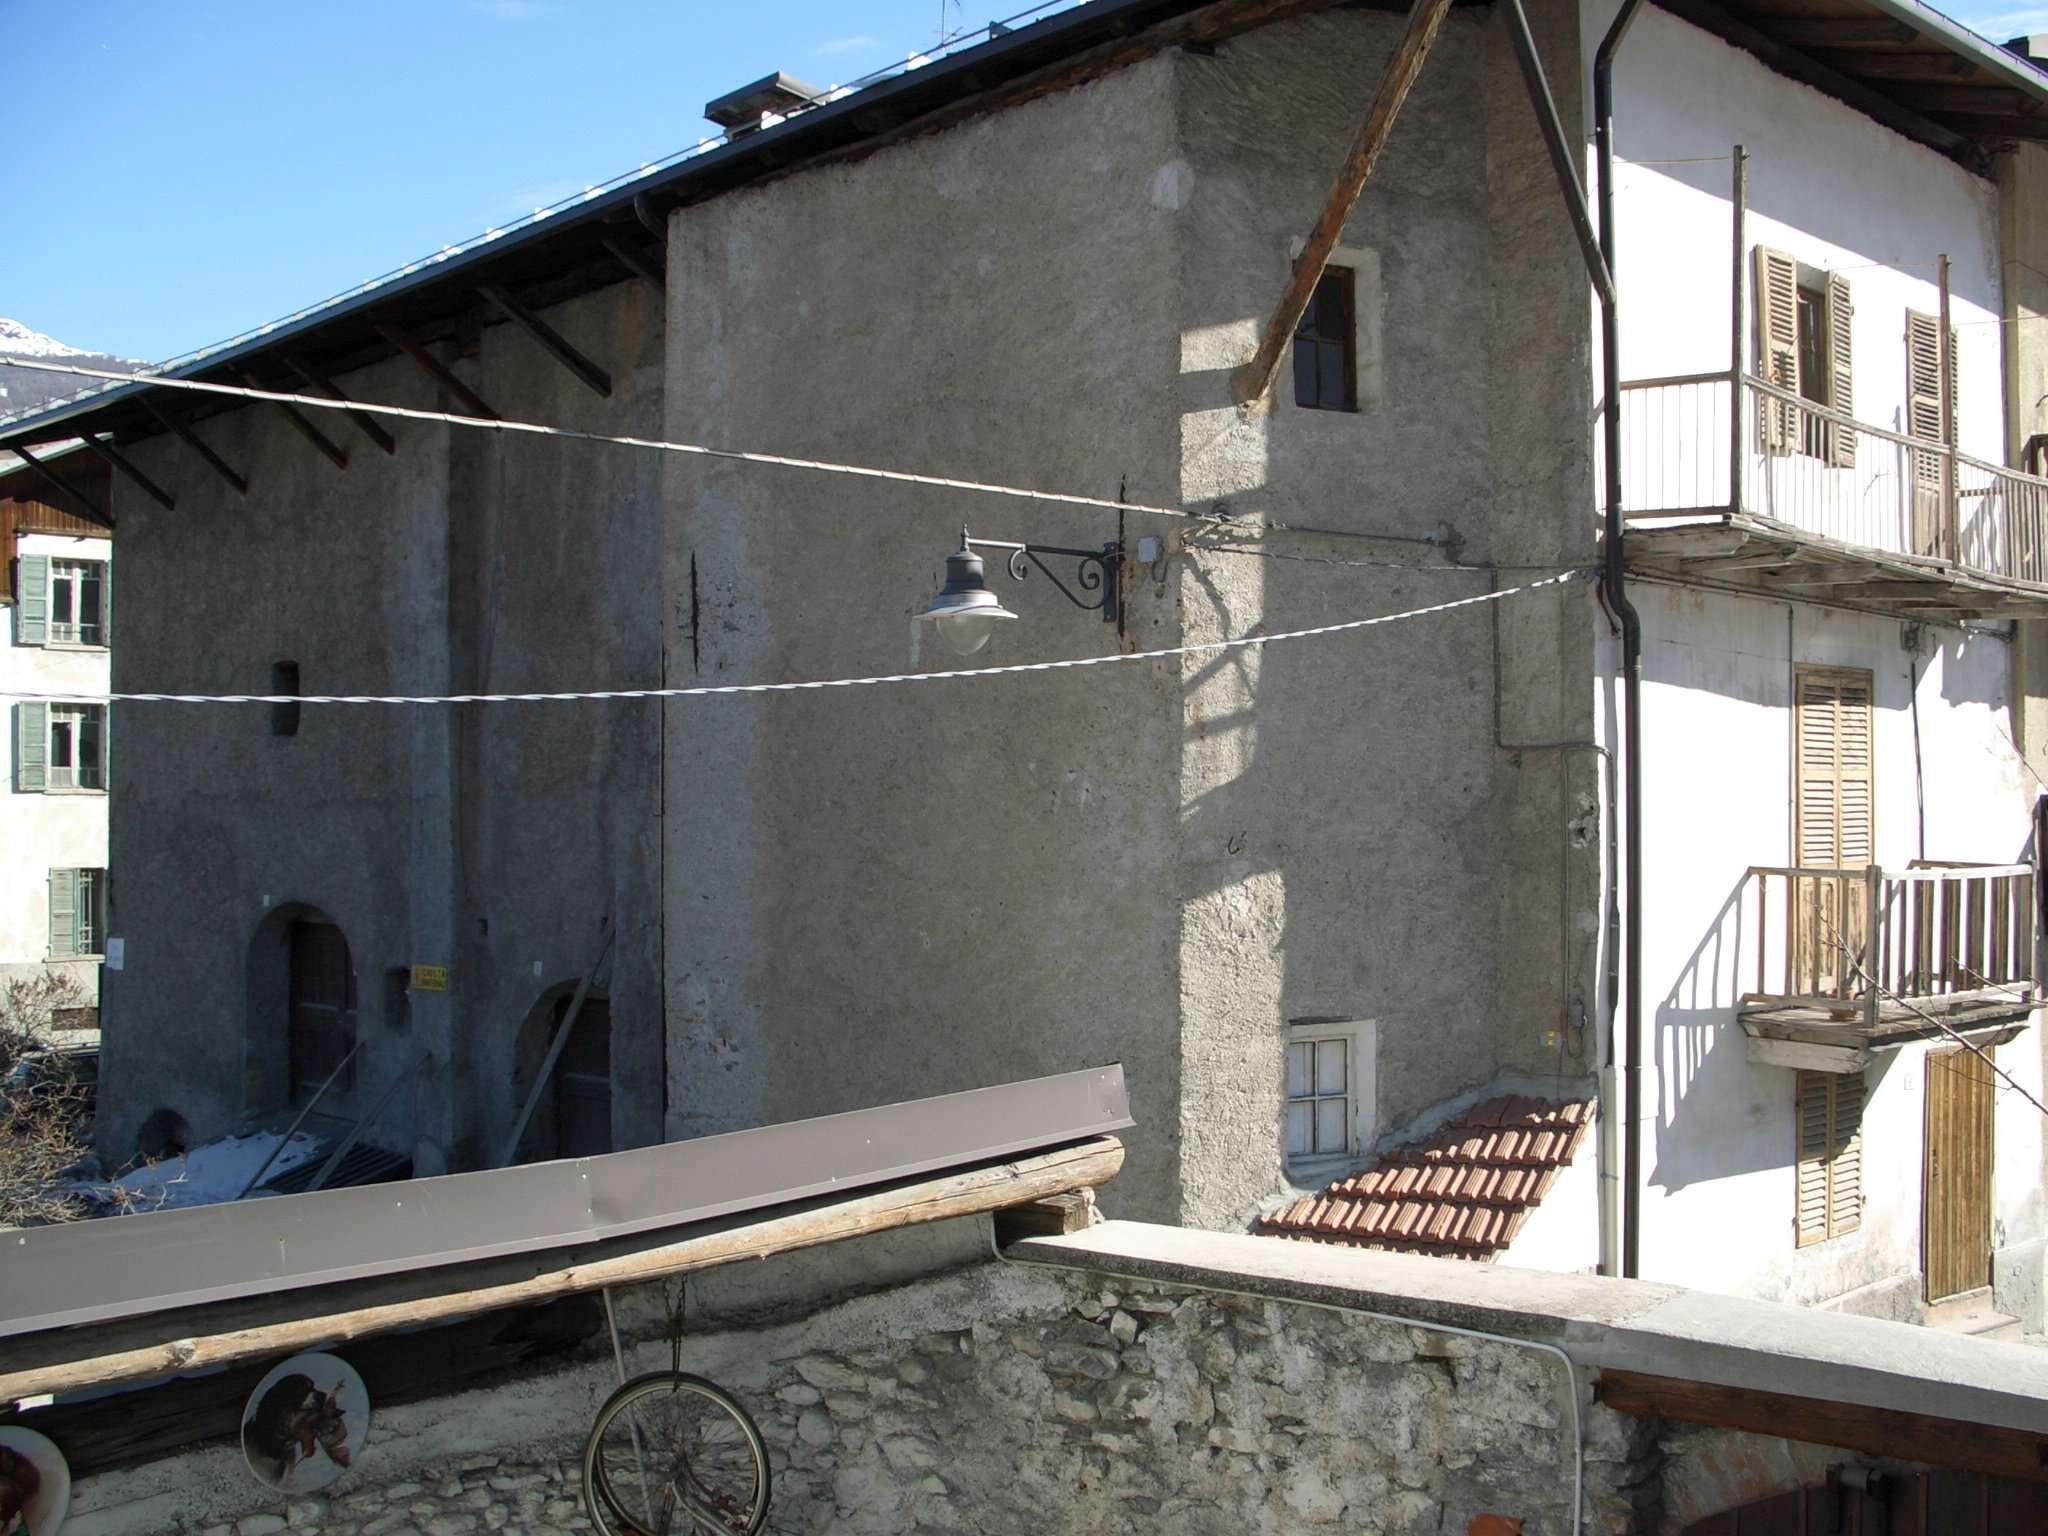 Palazzo / Stabile in vendita a Cesana Torinese, 9999 locali, prezzo € 395.000 | CambioCasa.it